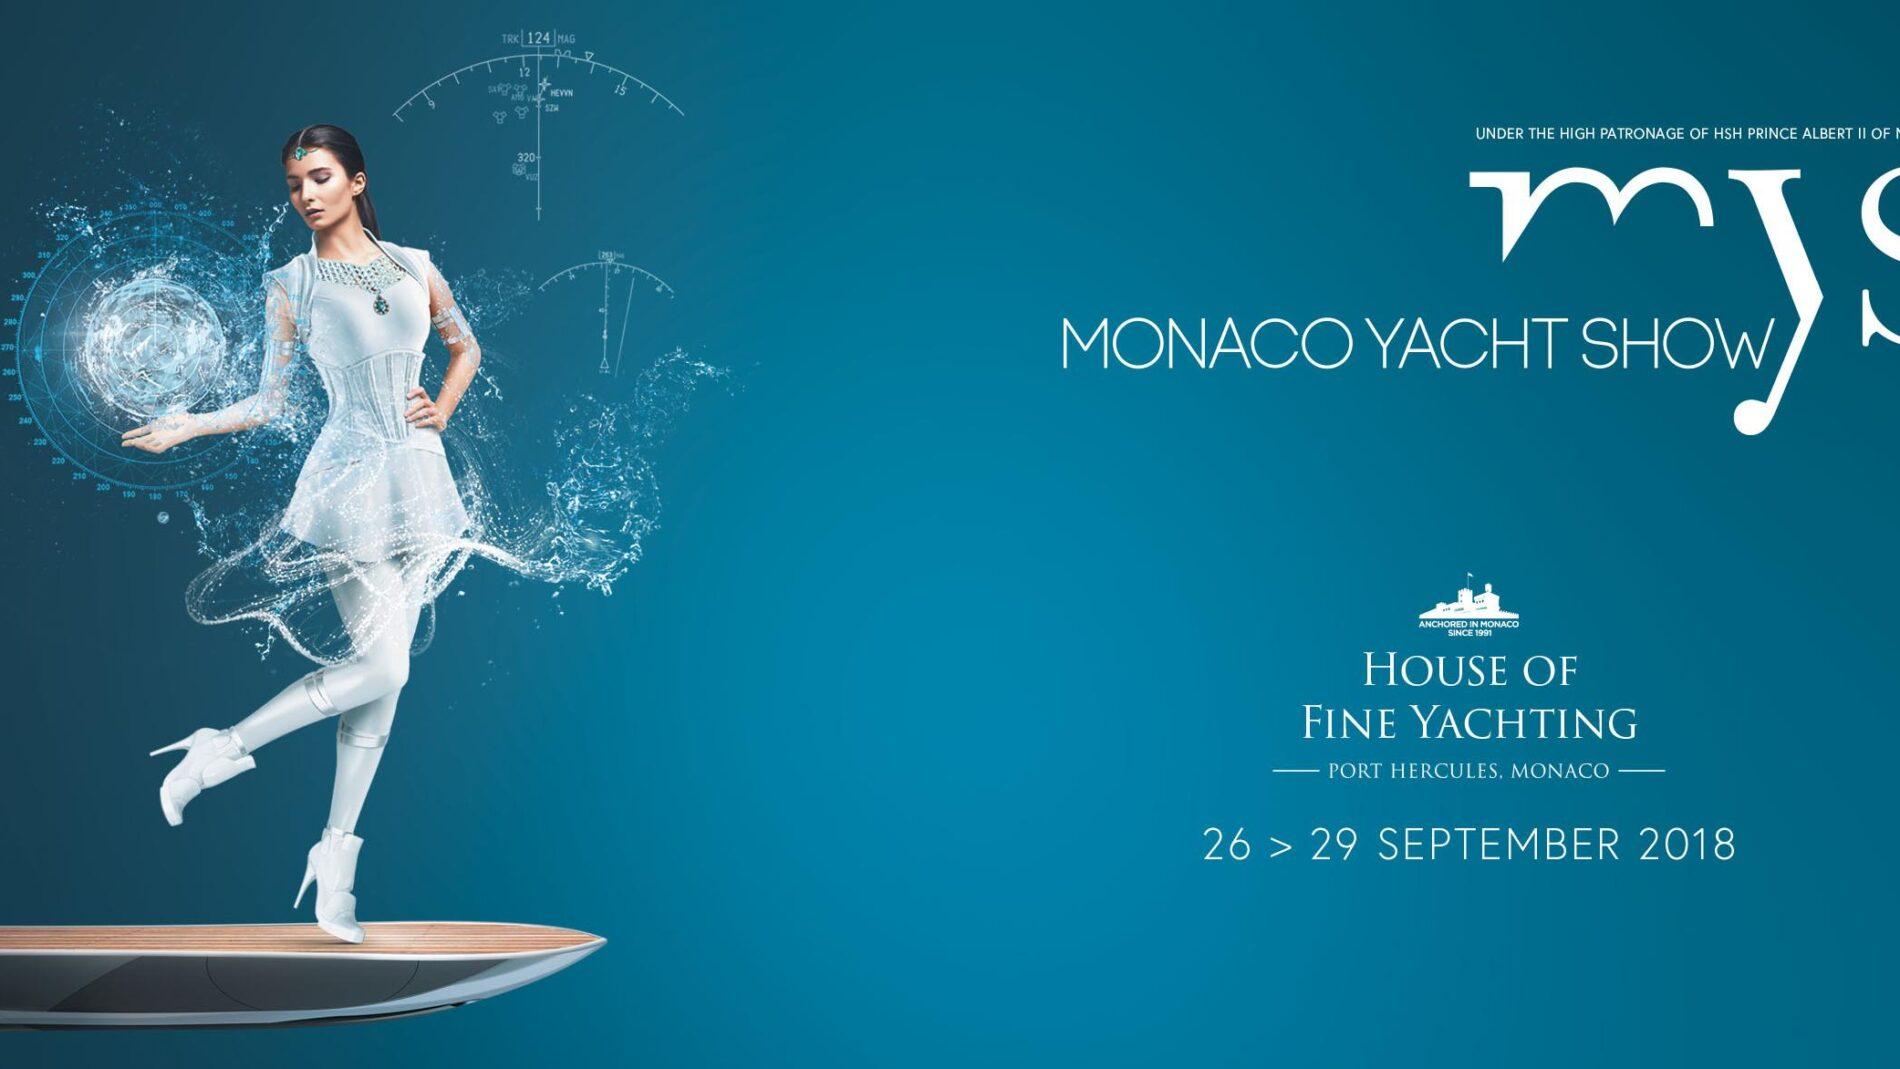 Monaco-Yacht-Show-2018-01R